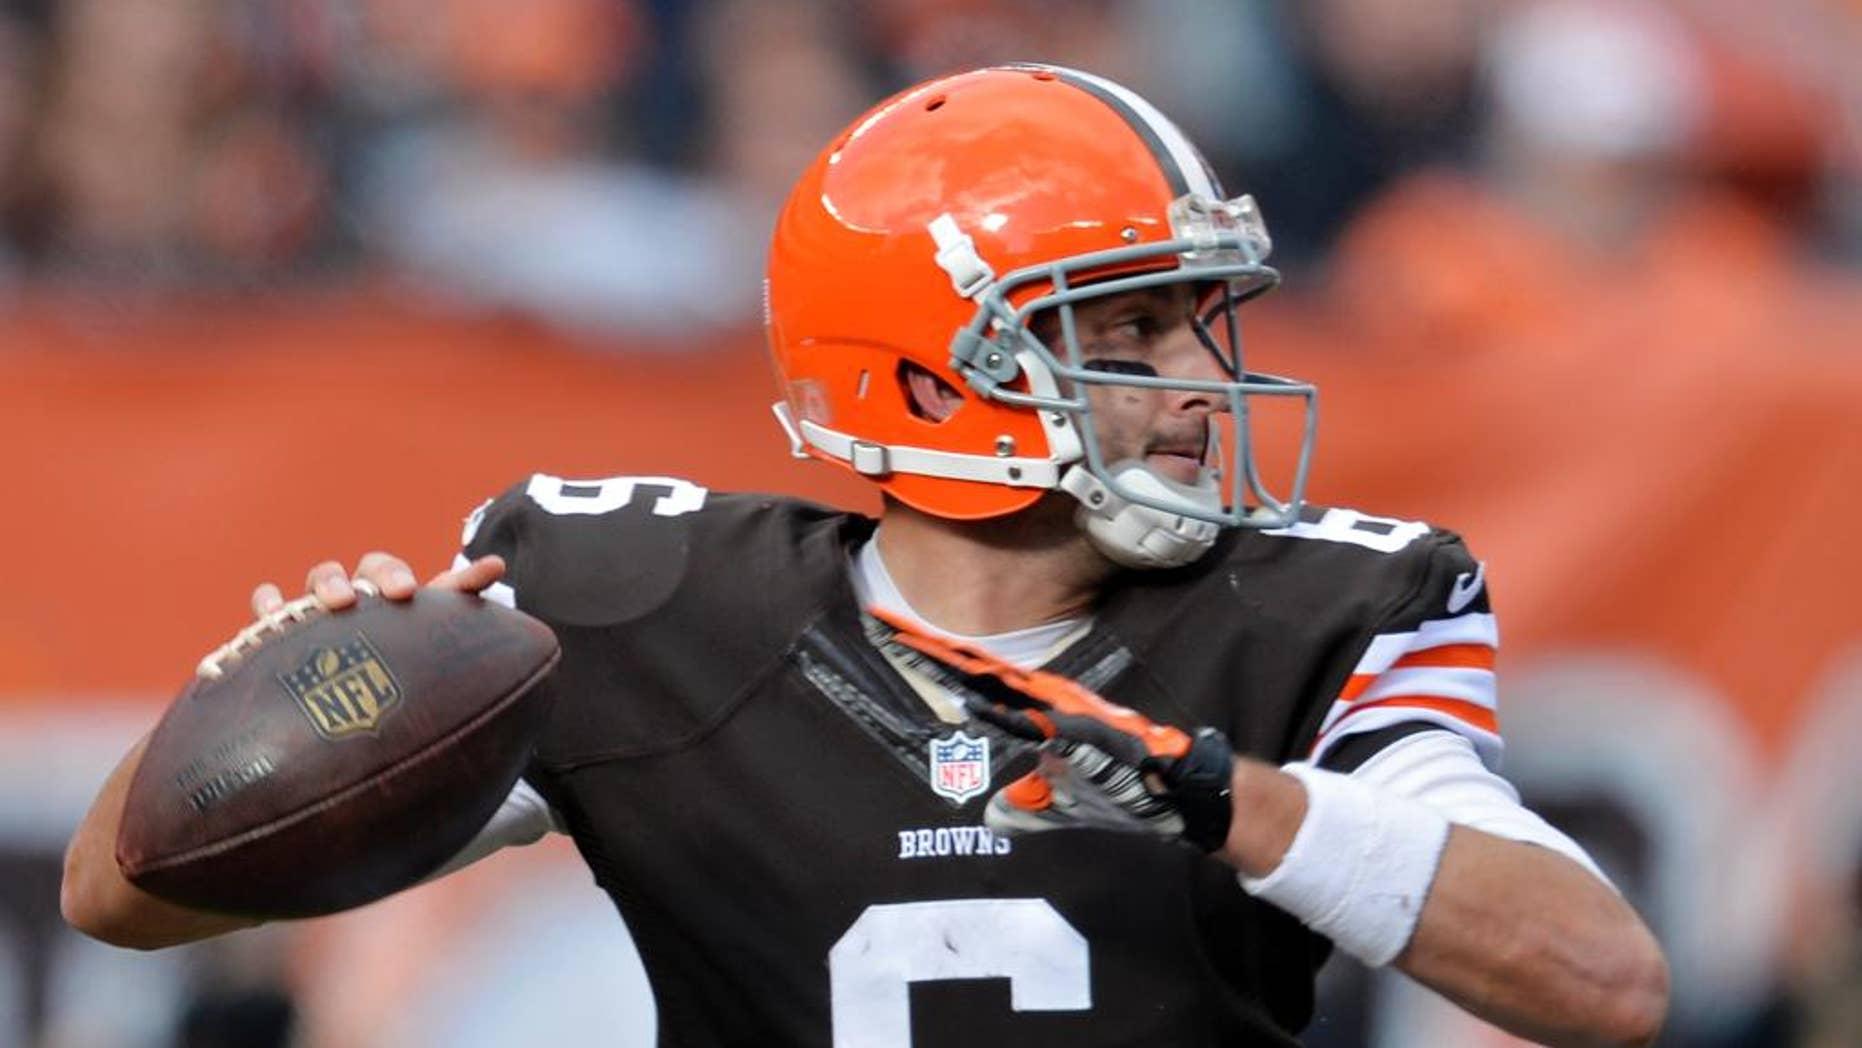 El quarterback Brian Hoyer de los Browns de Cleveland pasa el balón ante los Buccaneers de Tampa Bay, el domingo 2 de noviembre de 2014. (AP Foto/David Richard)